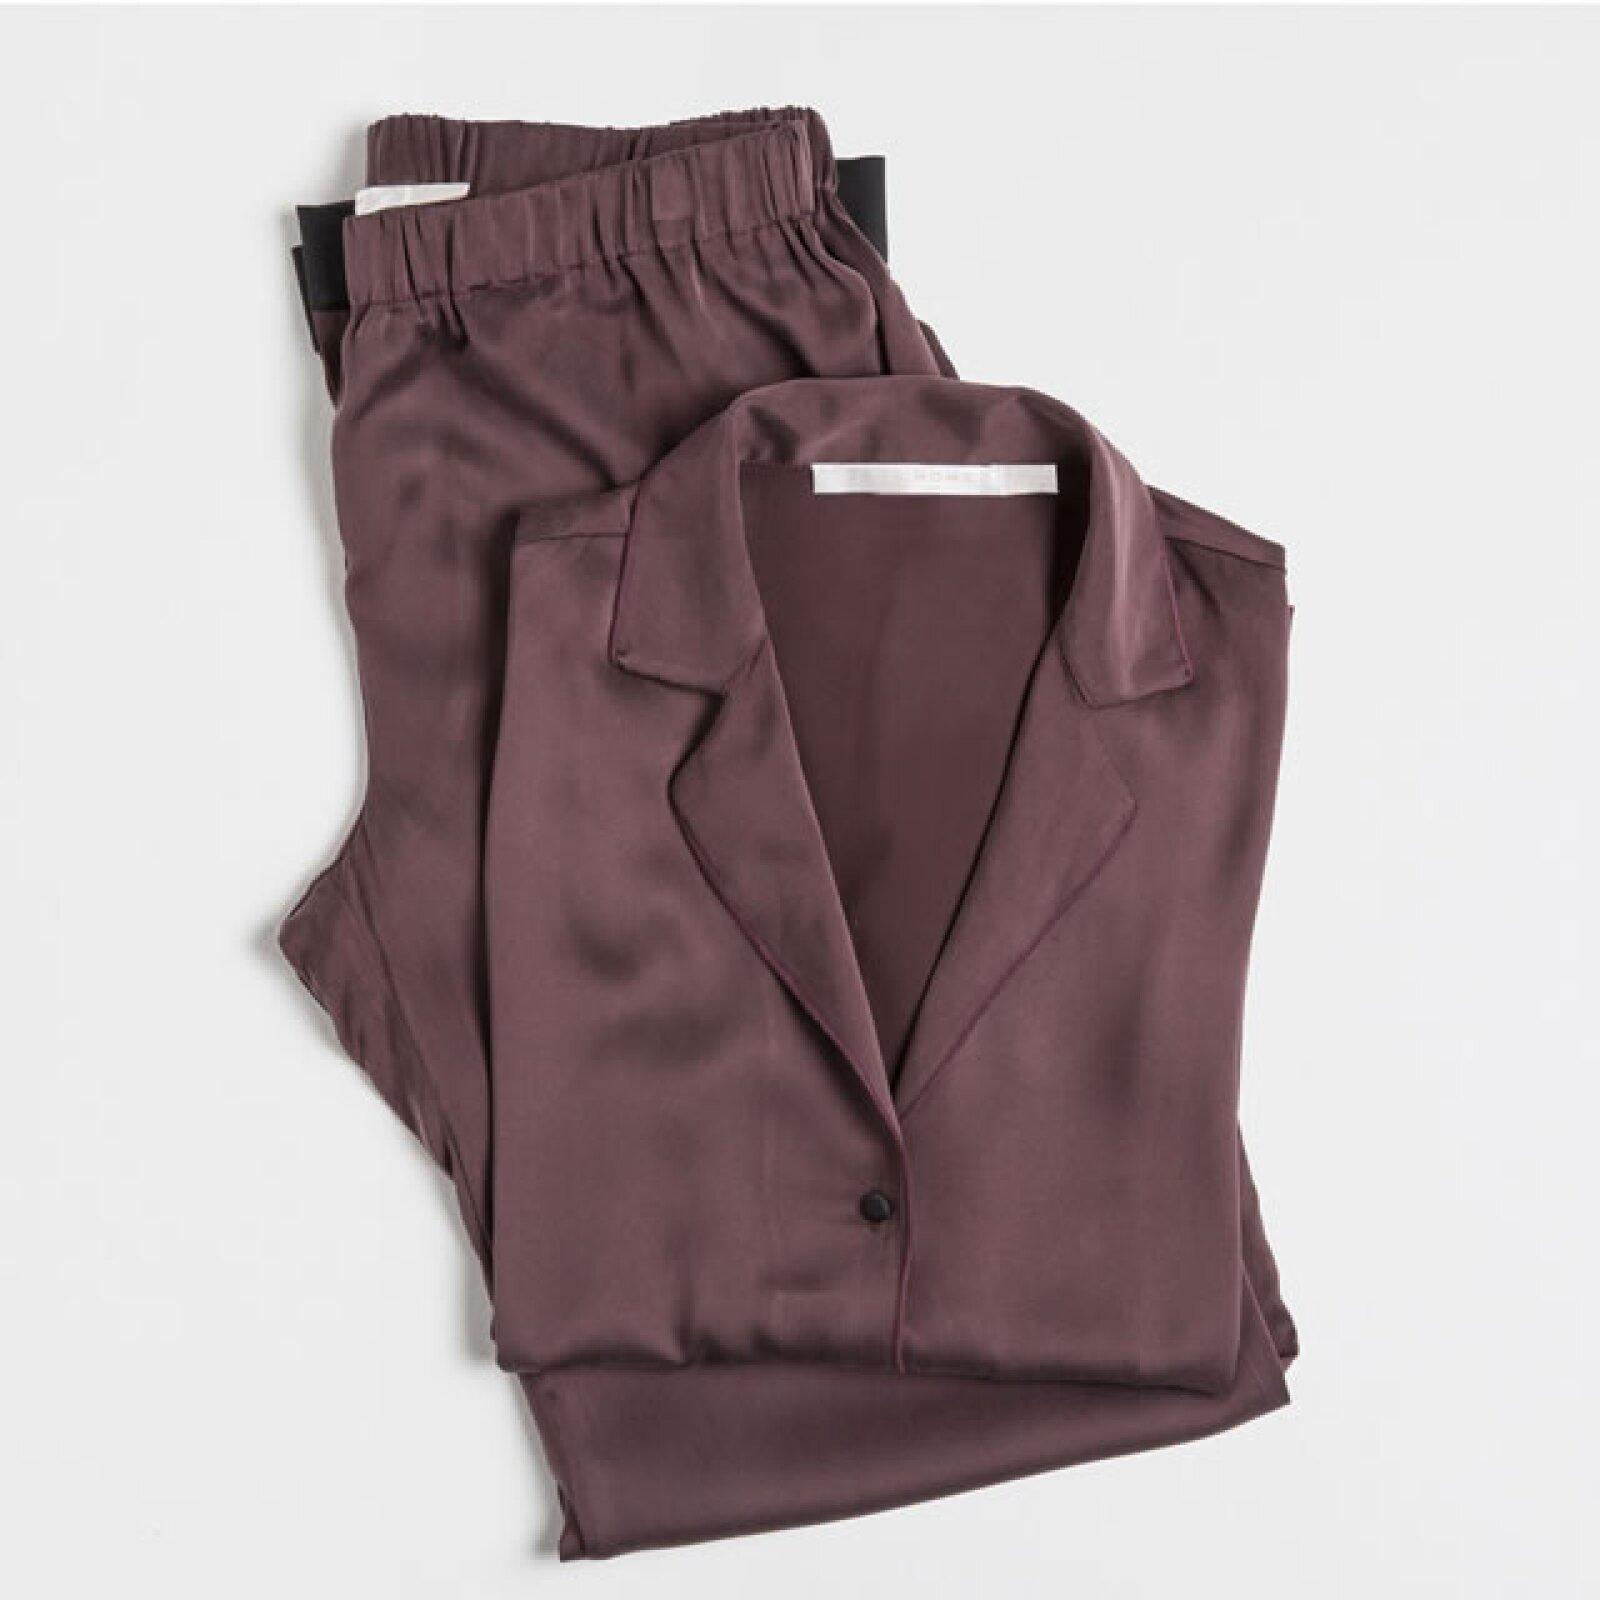 Pijama de seda. 1,899 pesos en Zara Home.